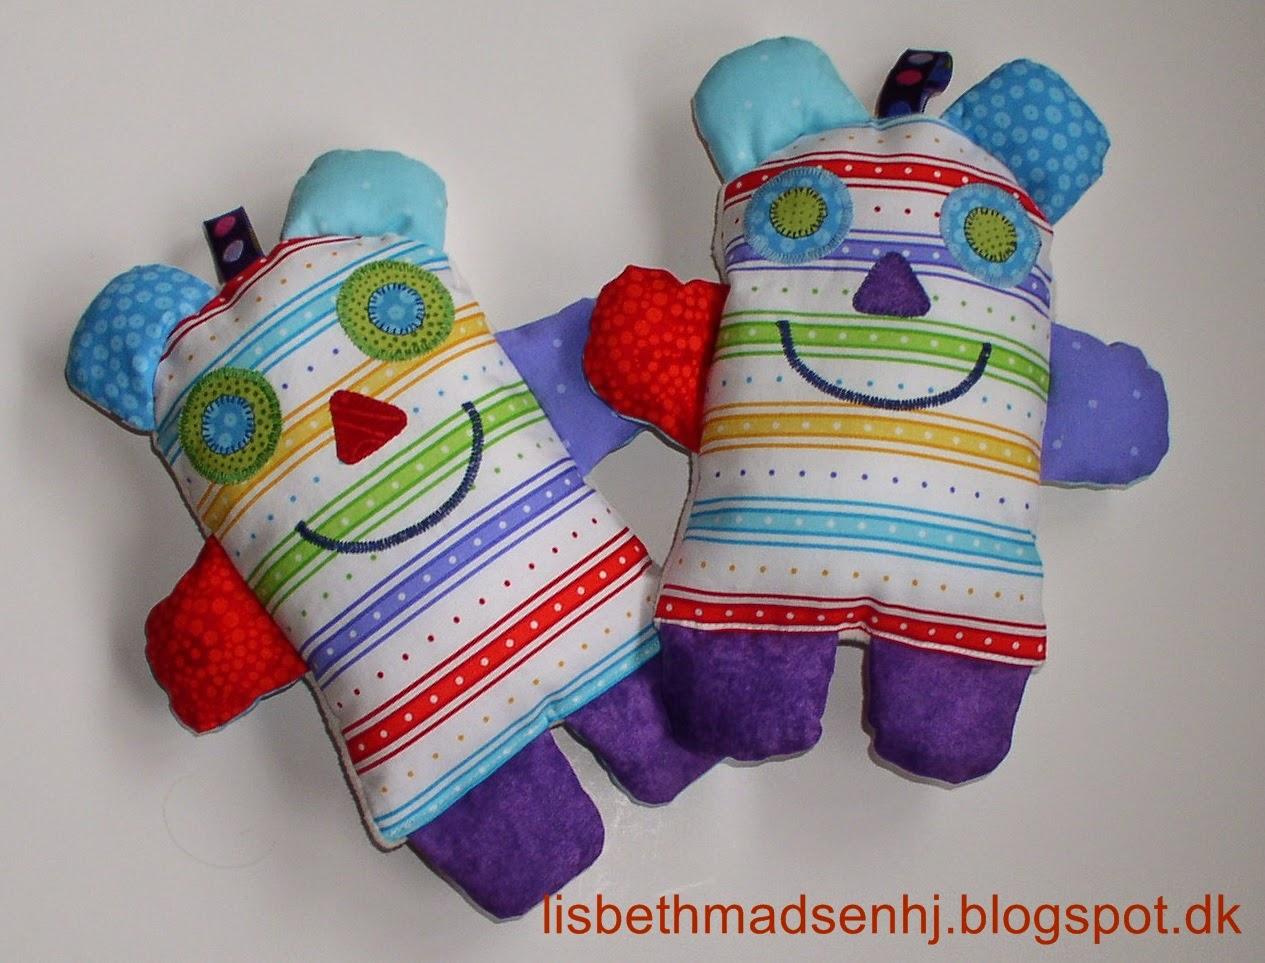 http://3.bp.blogspot.com/-qvxuJIRfX3s/VENwPVAvpNI/AAAAAAAABMo/Ae2YAsLQ0jQ/s1600/Tvillinge%2Bkrammedyr.JPG